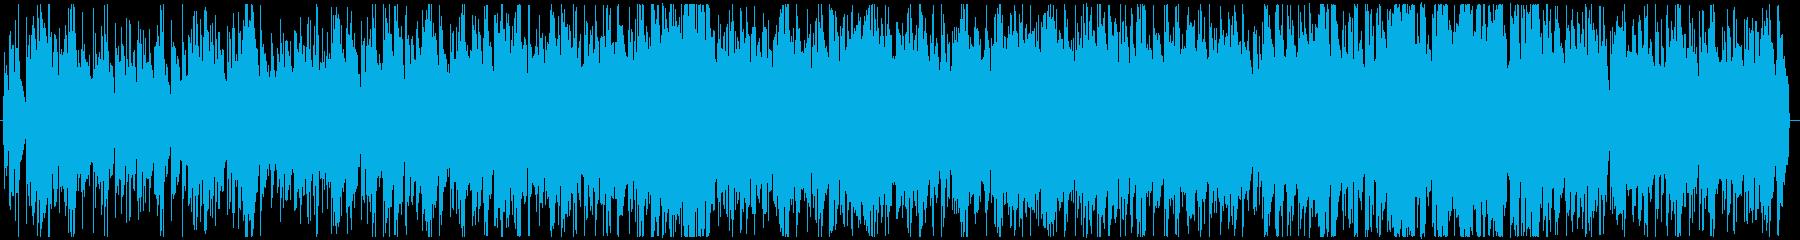 緊張感のあるサスペンス風BGMの再生済みの波形